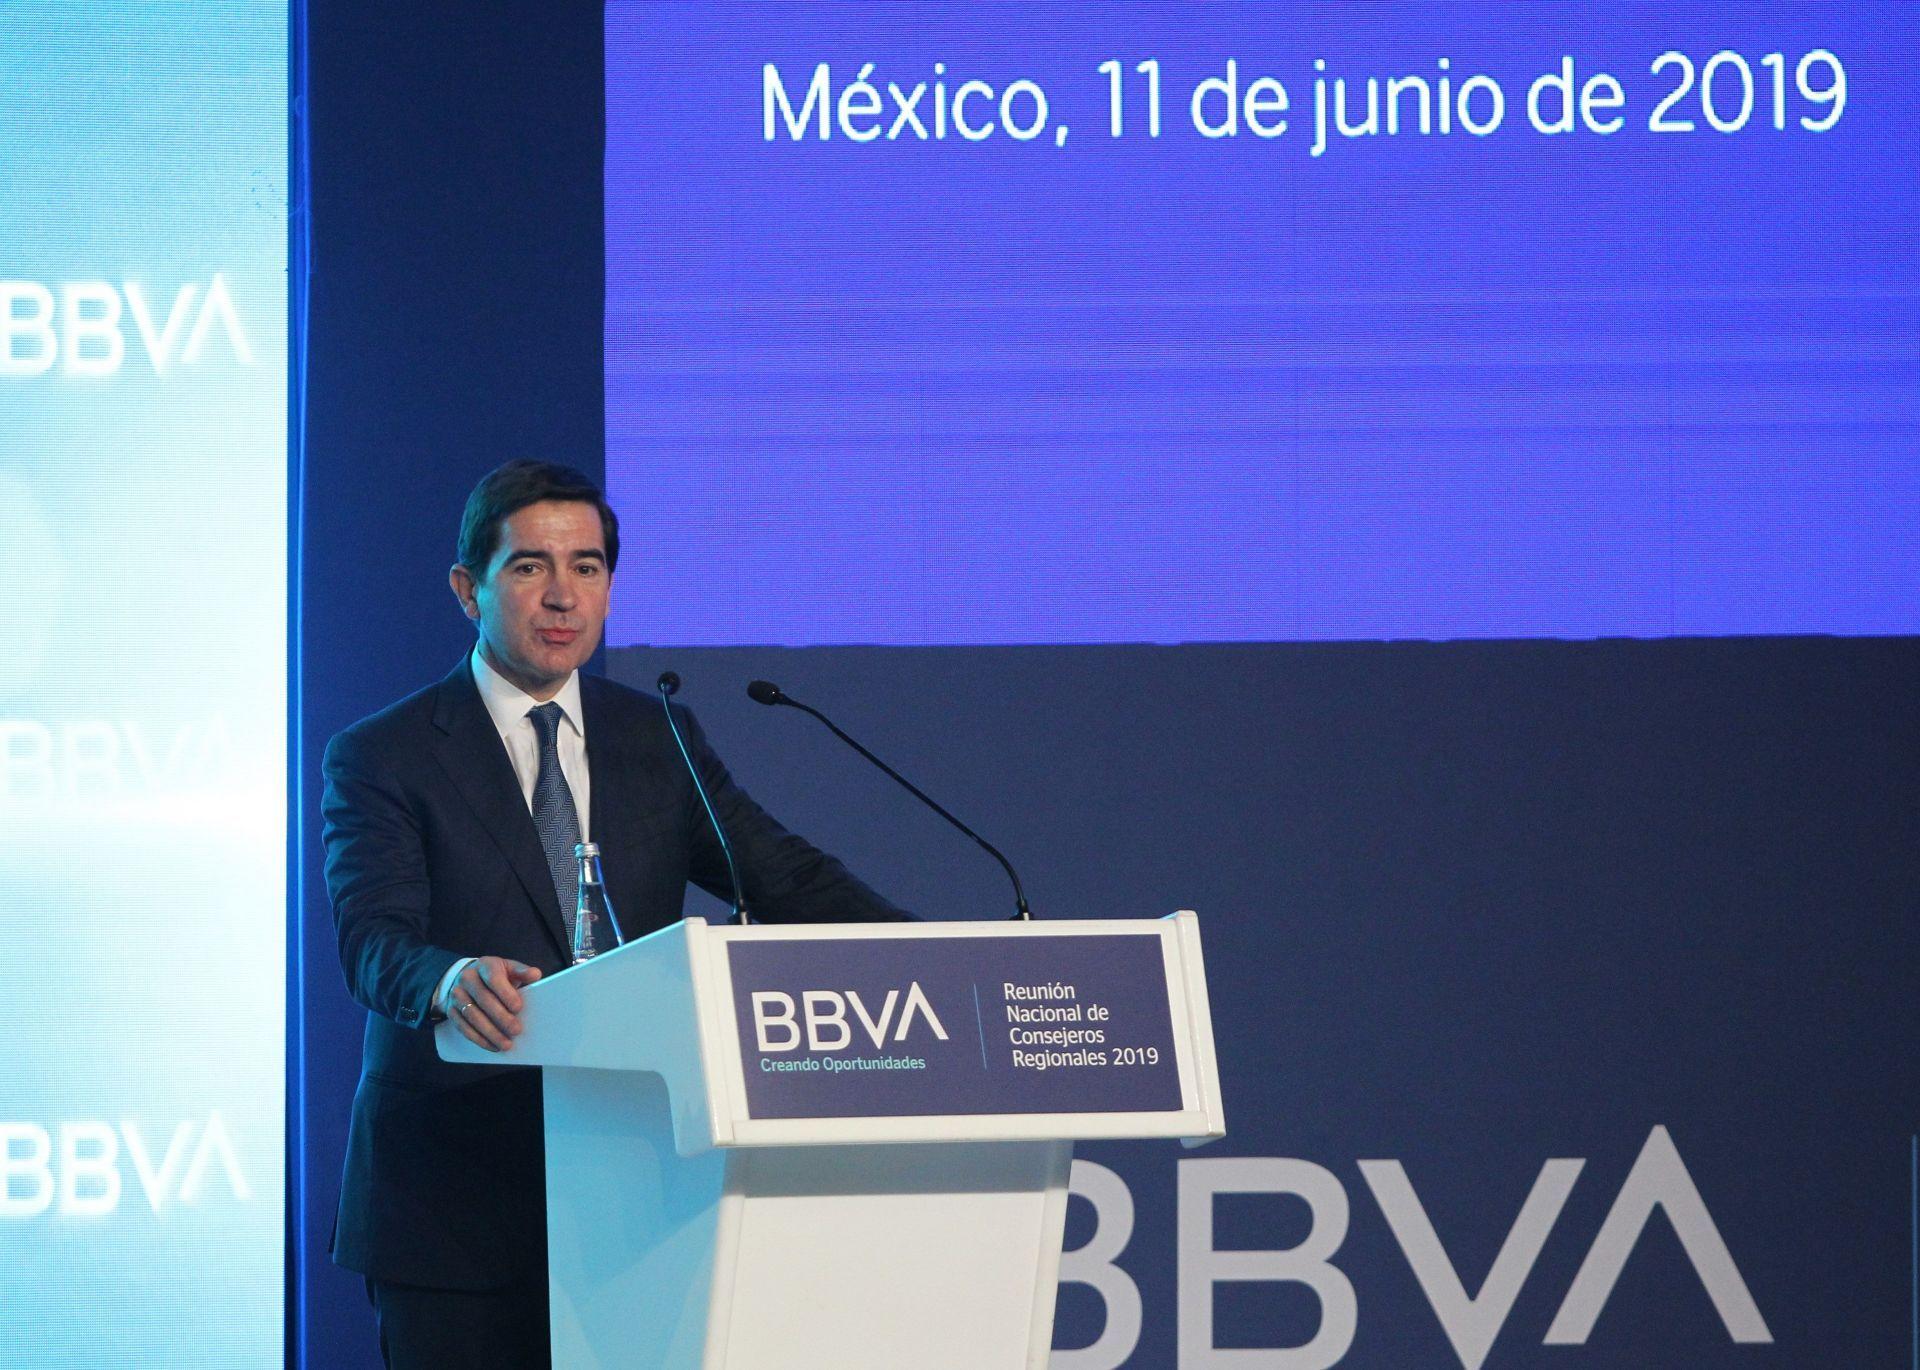 bbva-se-compromete-con-el-desarrollo-de-mexico-pero-alerta-de-riesgos